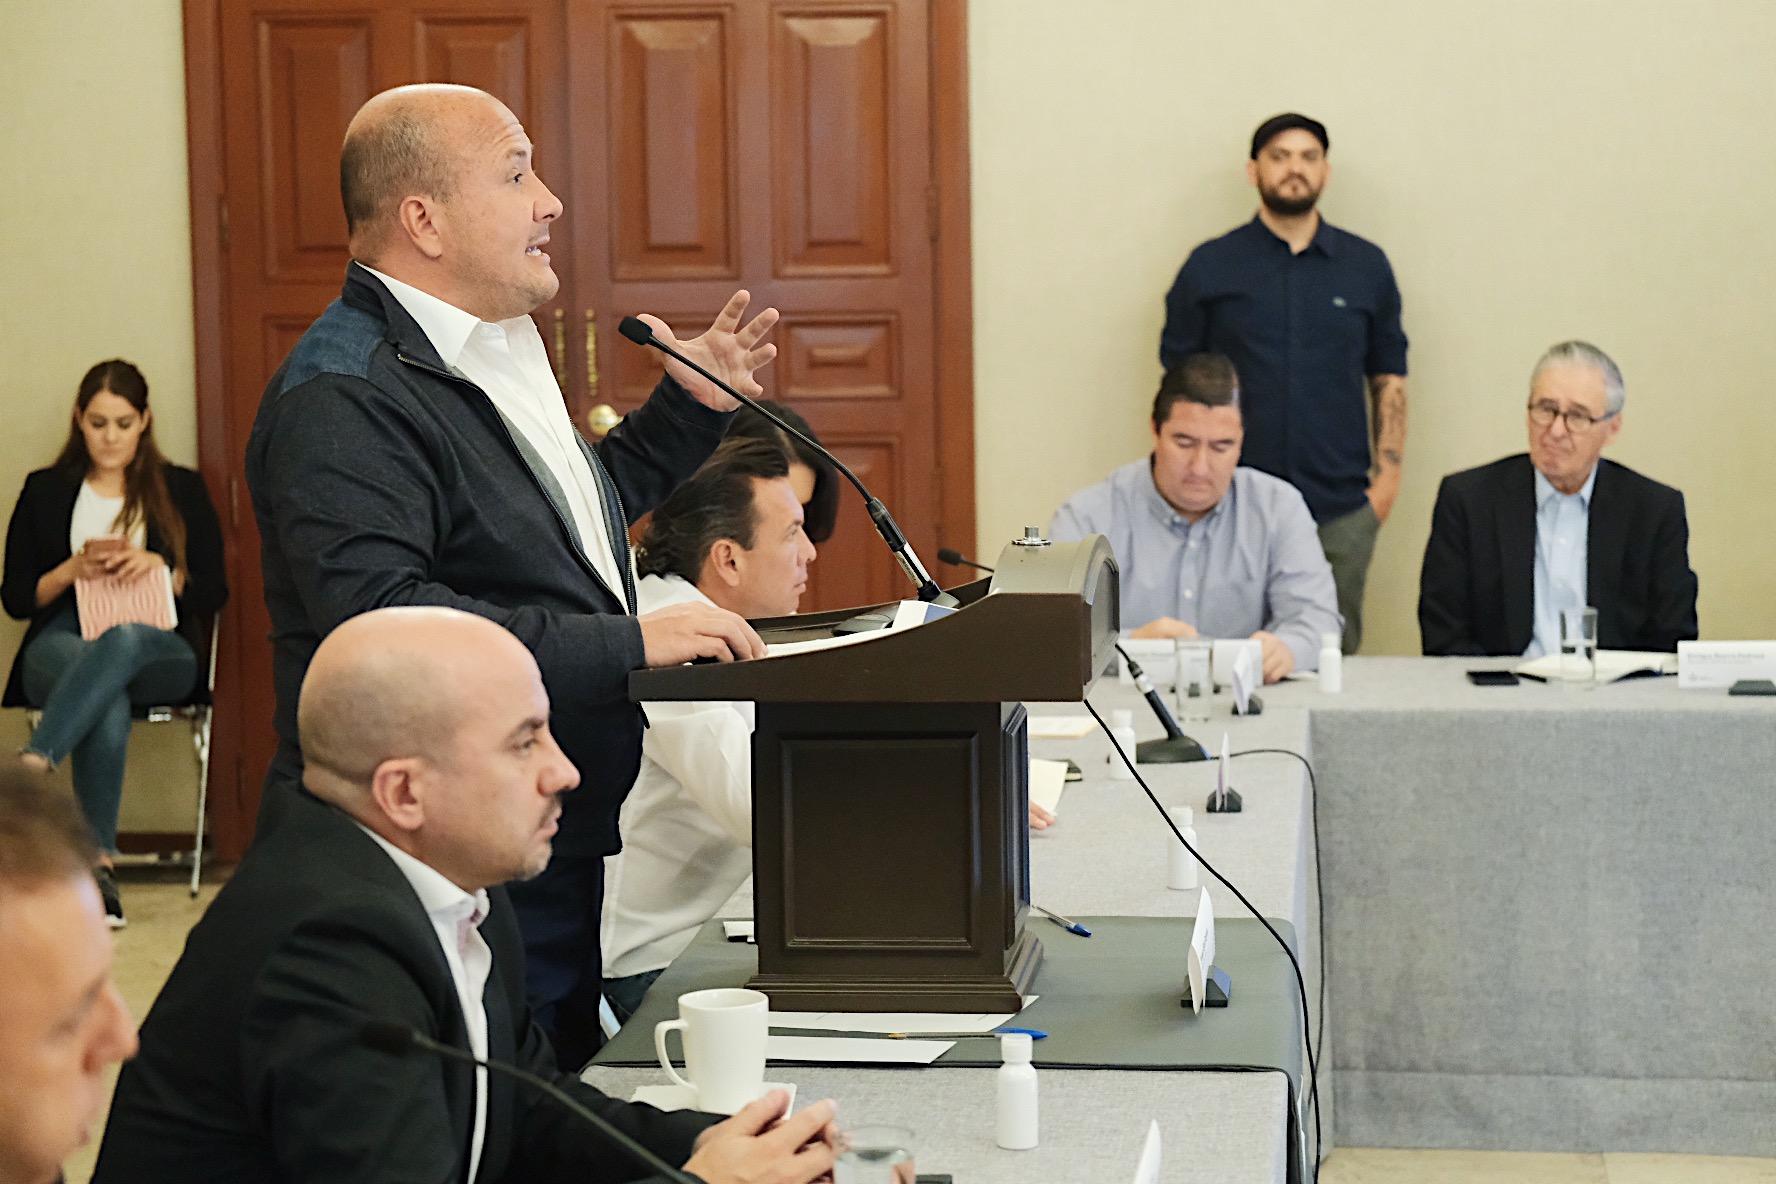 Enrique Alfaro anuncia paquete de mil mdp para apoyar a micro, y pequeñas empresas, y a personas con actividades económicas informales en Jalisco, ante contingencia sanitaria por COVID-19 Solapas principales      Ver(solapa activa)     Editar     Seguimiento     Convert     Devel